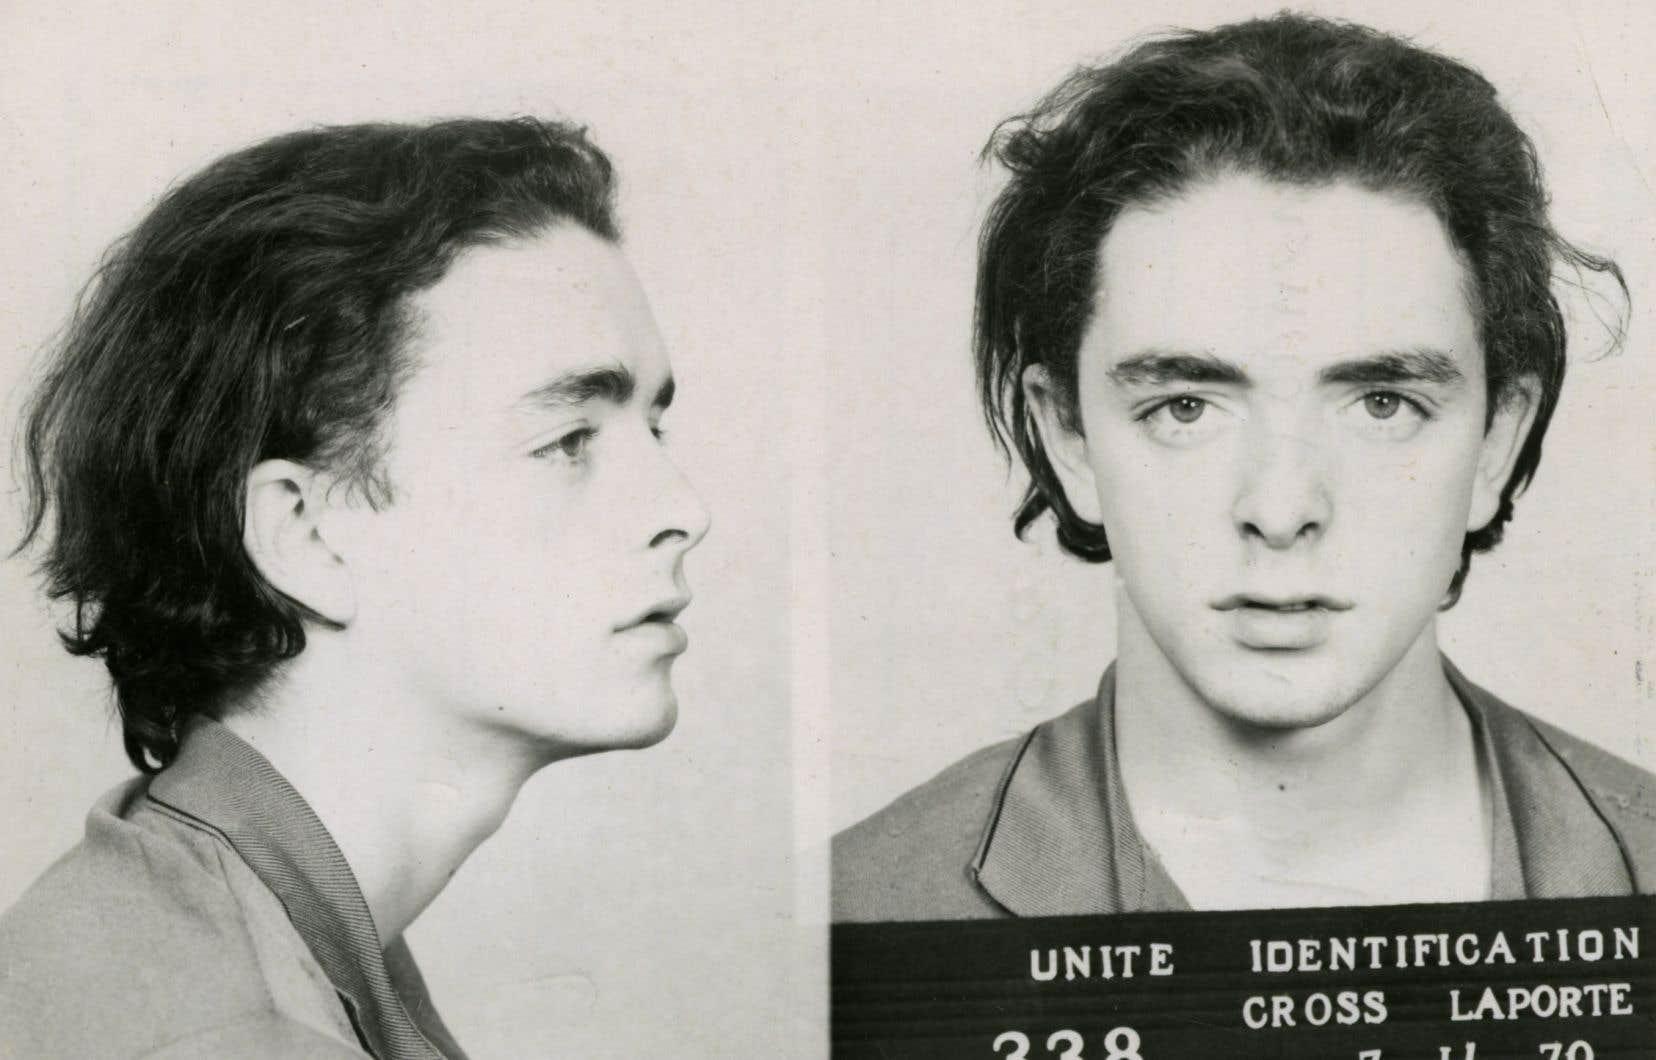 Bernard Lortie, ancien membre de la cellule Chénier, assure que jamais il n'a été question de tuer personne pendant la crise d'Octobre.